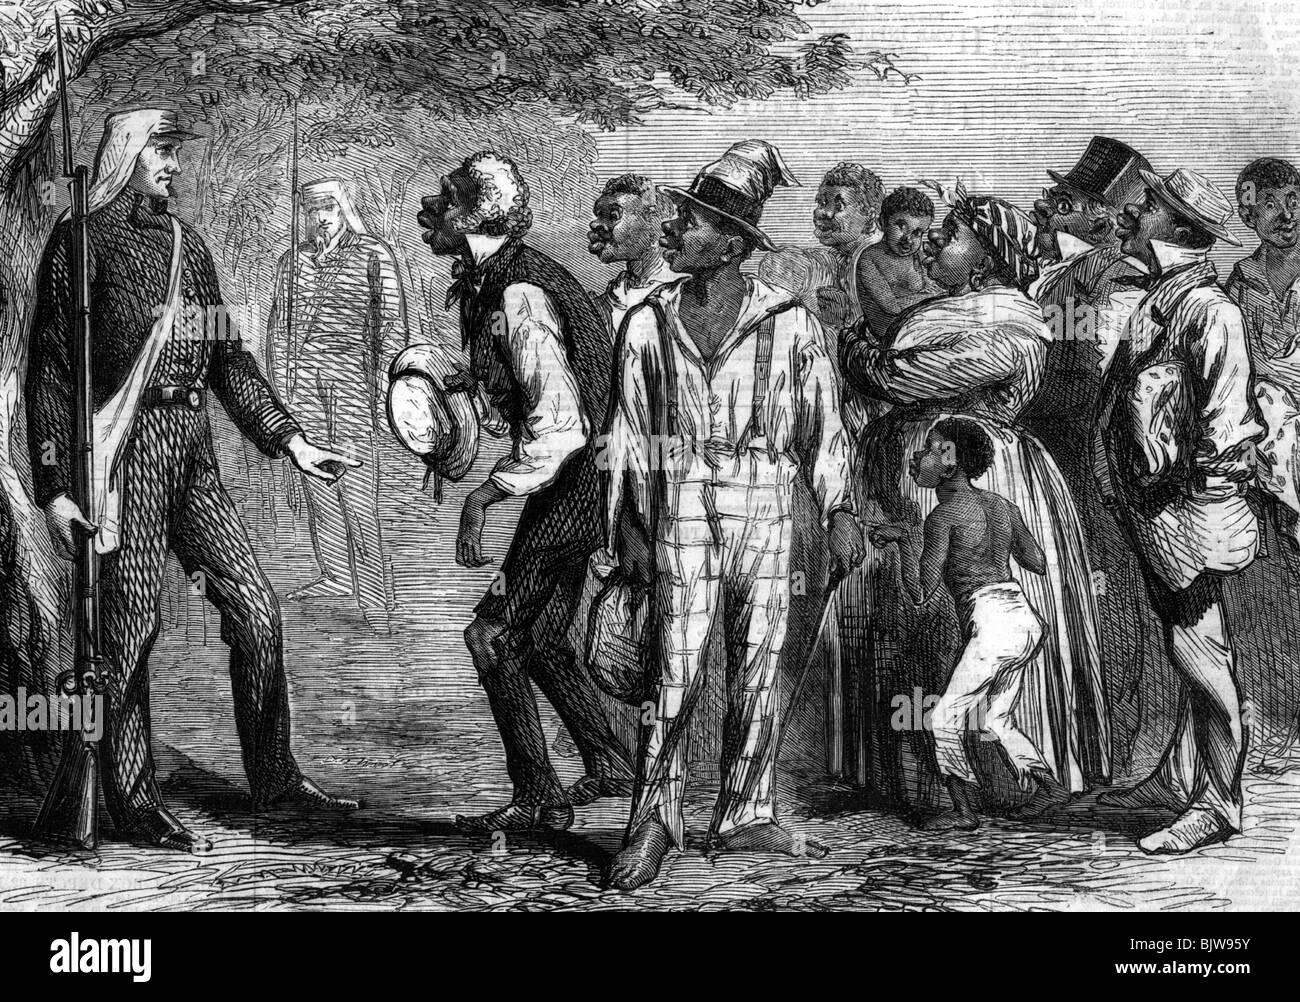 Geografia / viaggi, USA, Guerra civile americana 1861 - 1865, runaway schiavi di una unione picket, incisione su Immagini Stock